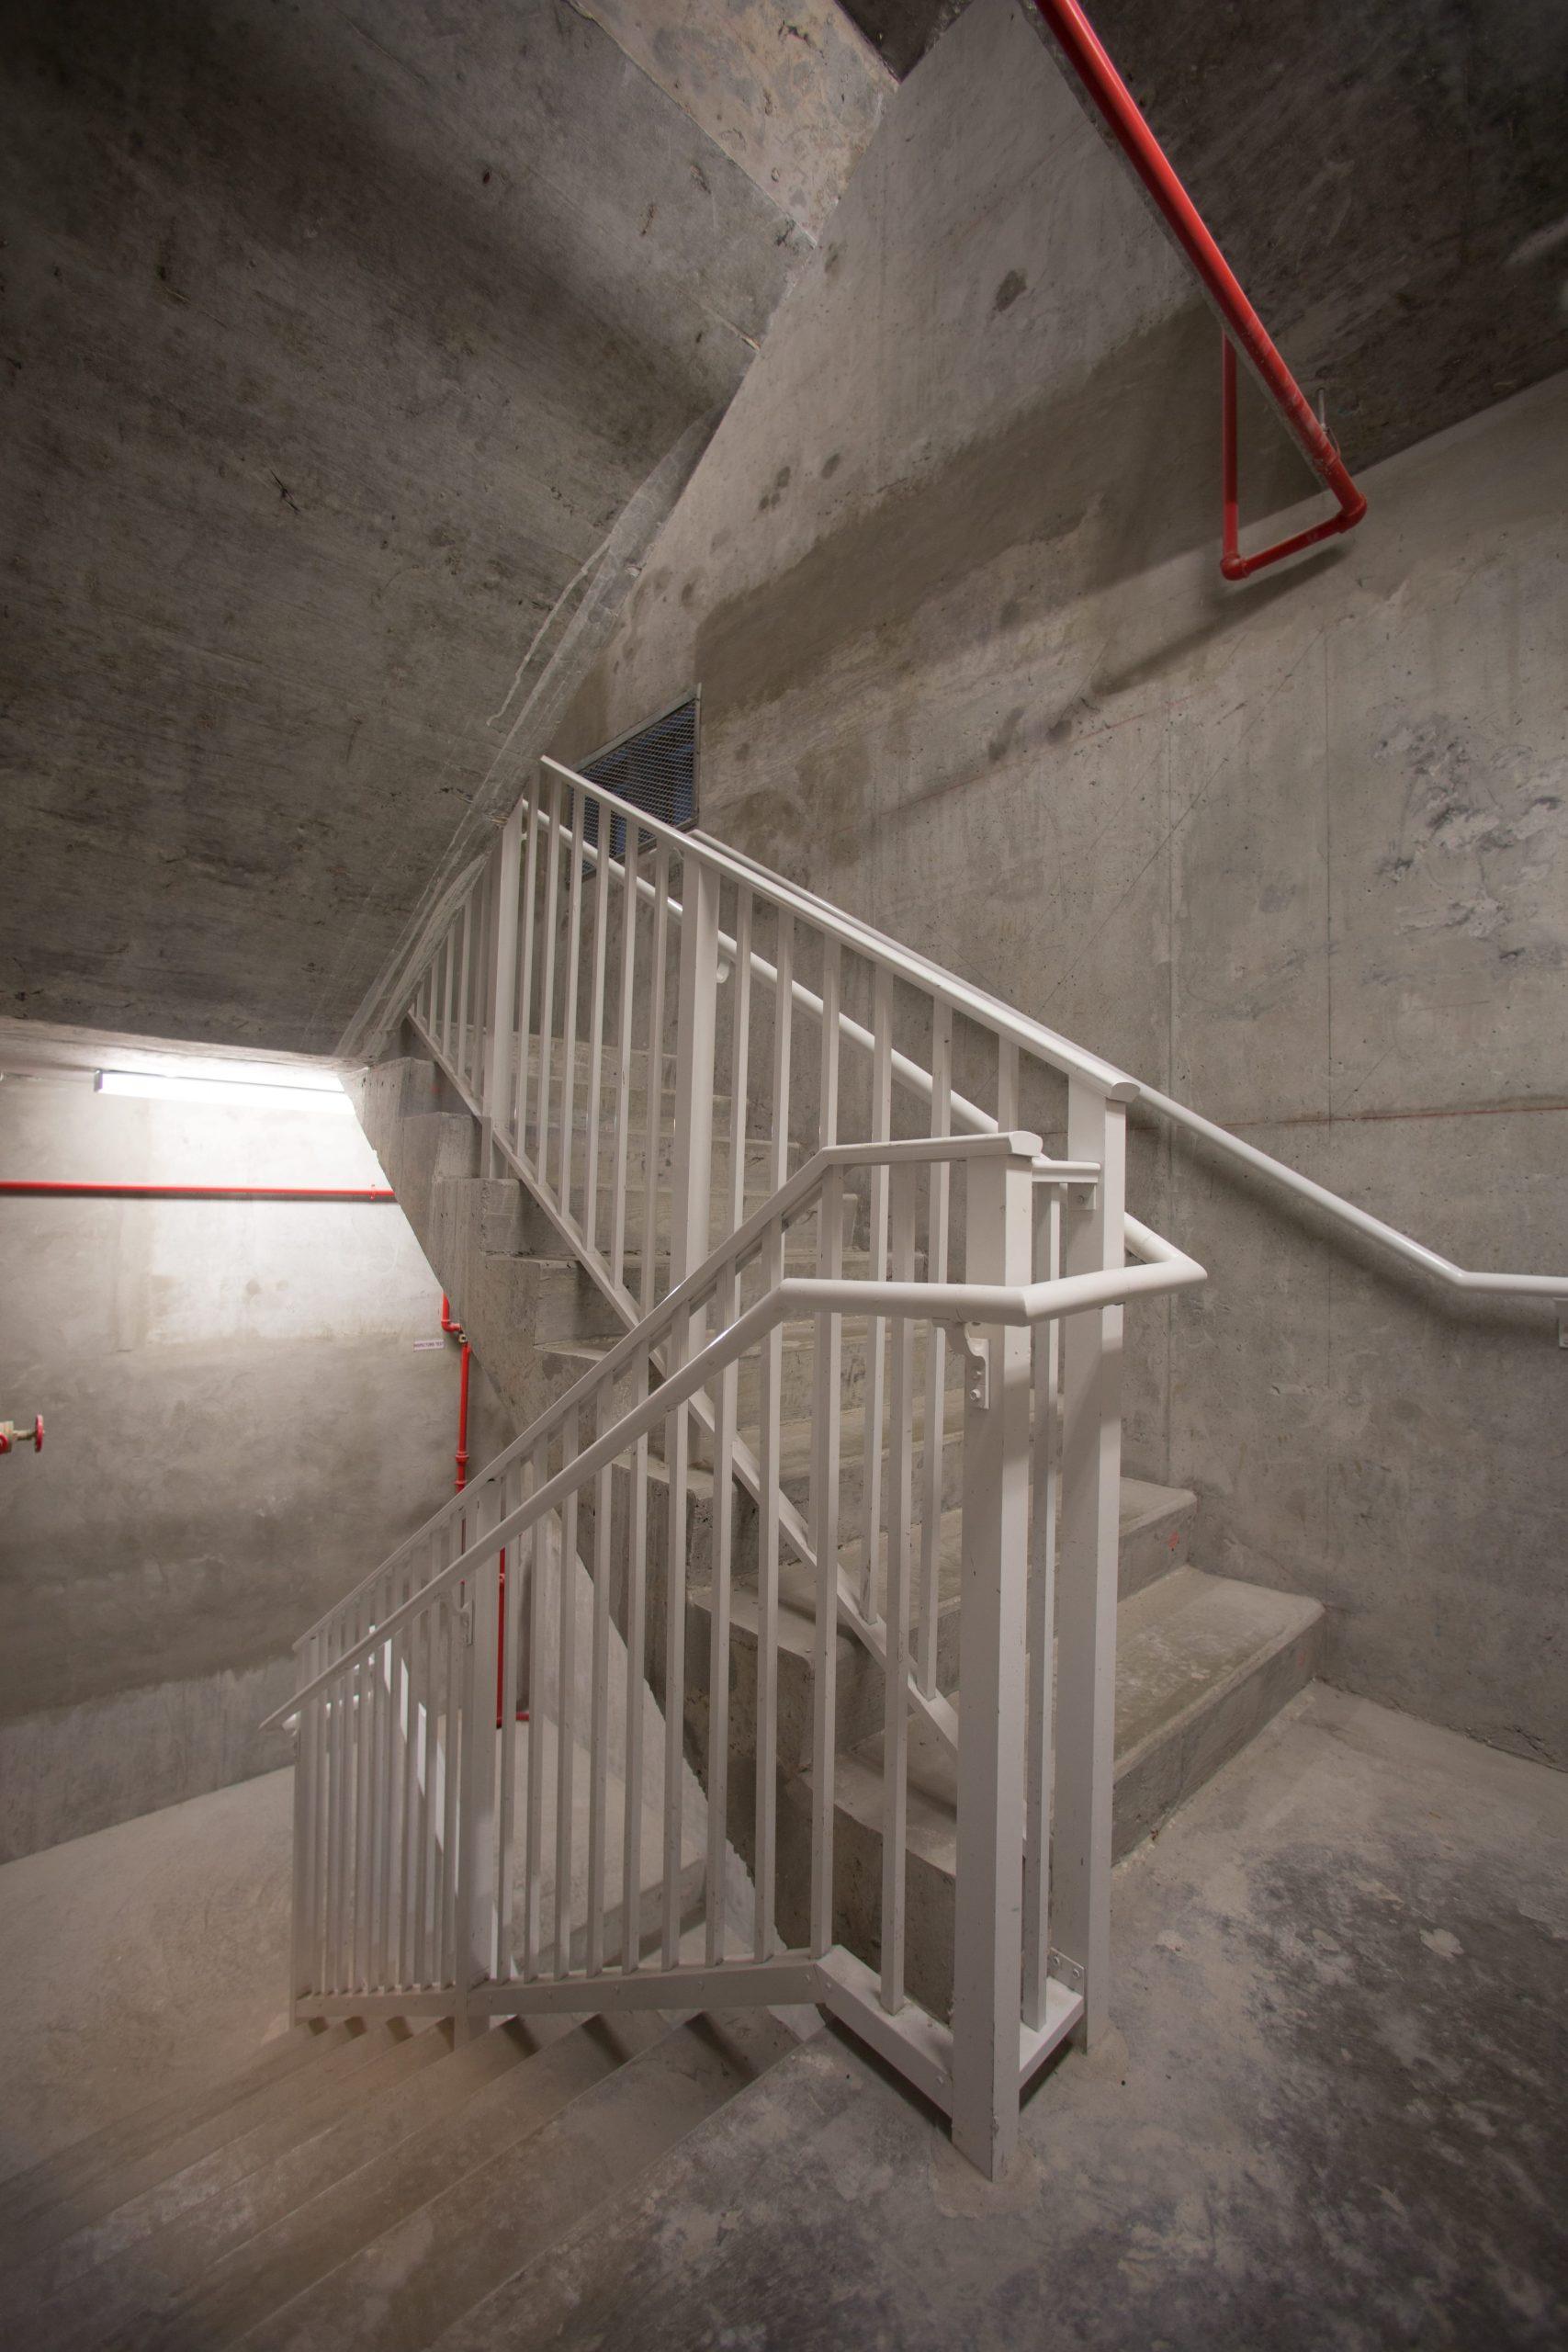 Standard Stair Guardrail - Railco Inc.